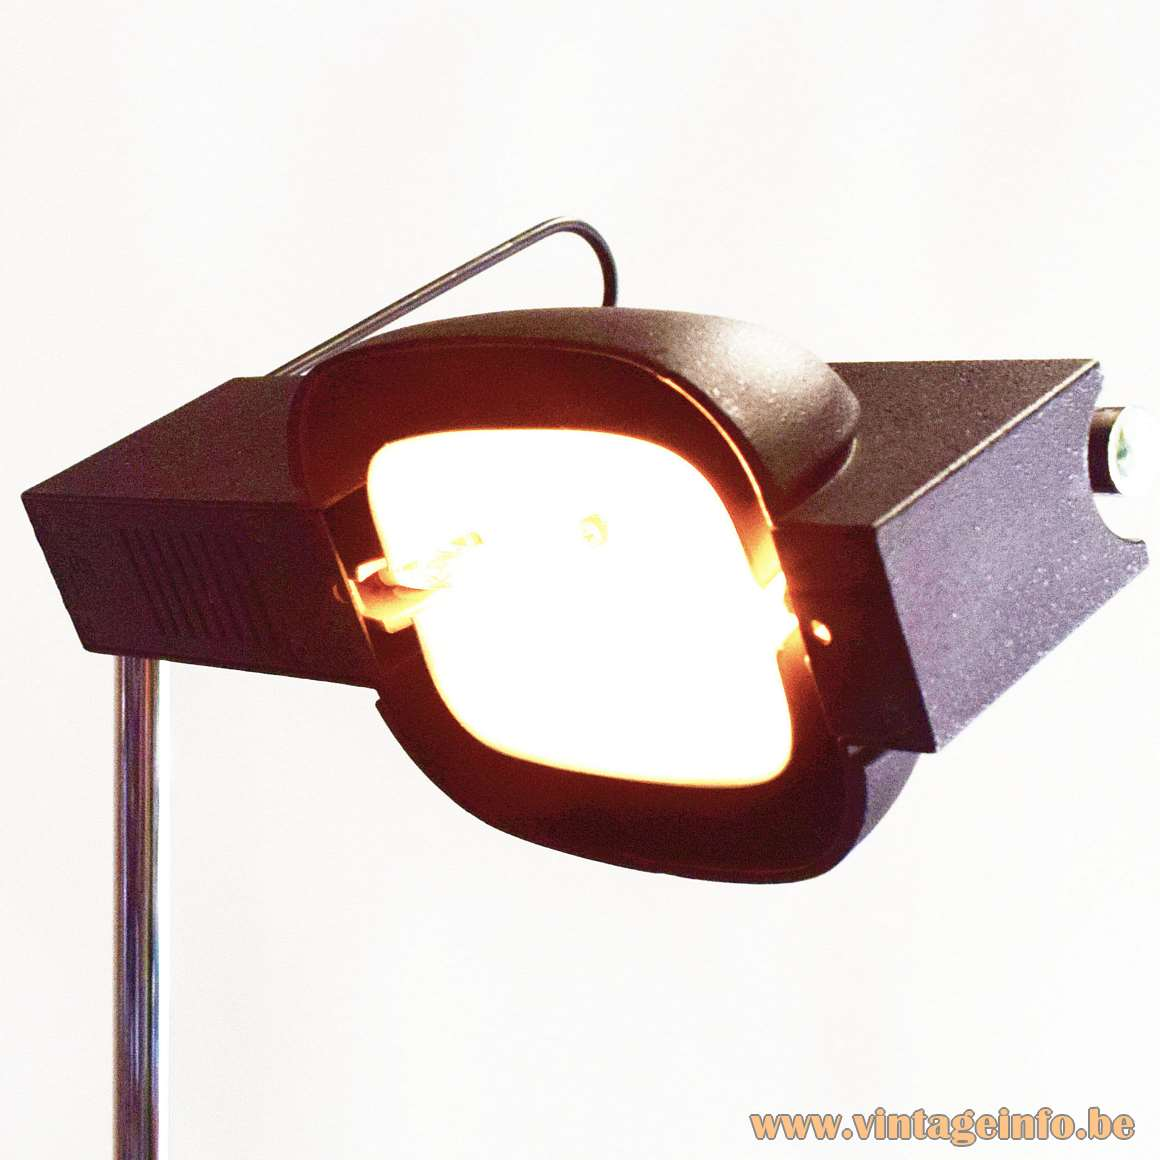 Artemide Camera Terra Floor Lamp Designer: Ernesto Gismondi black wrinkle paint chrome rod adjustable 1980s